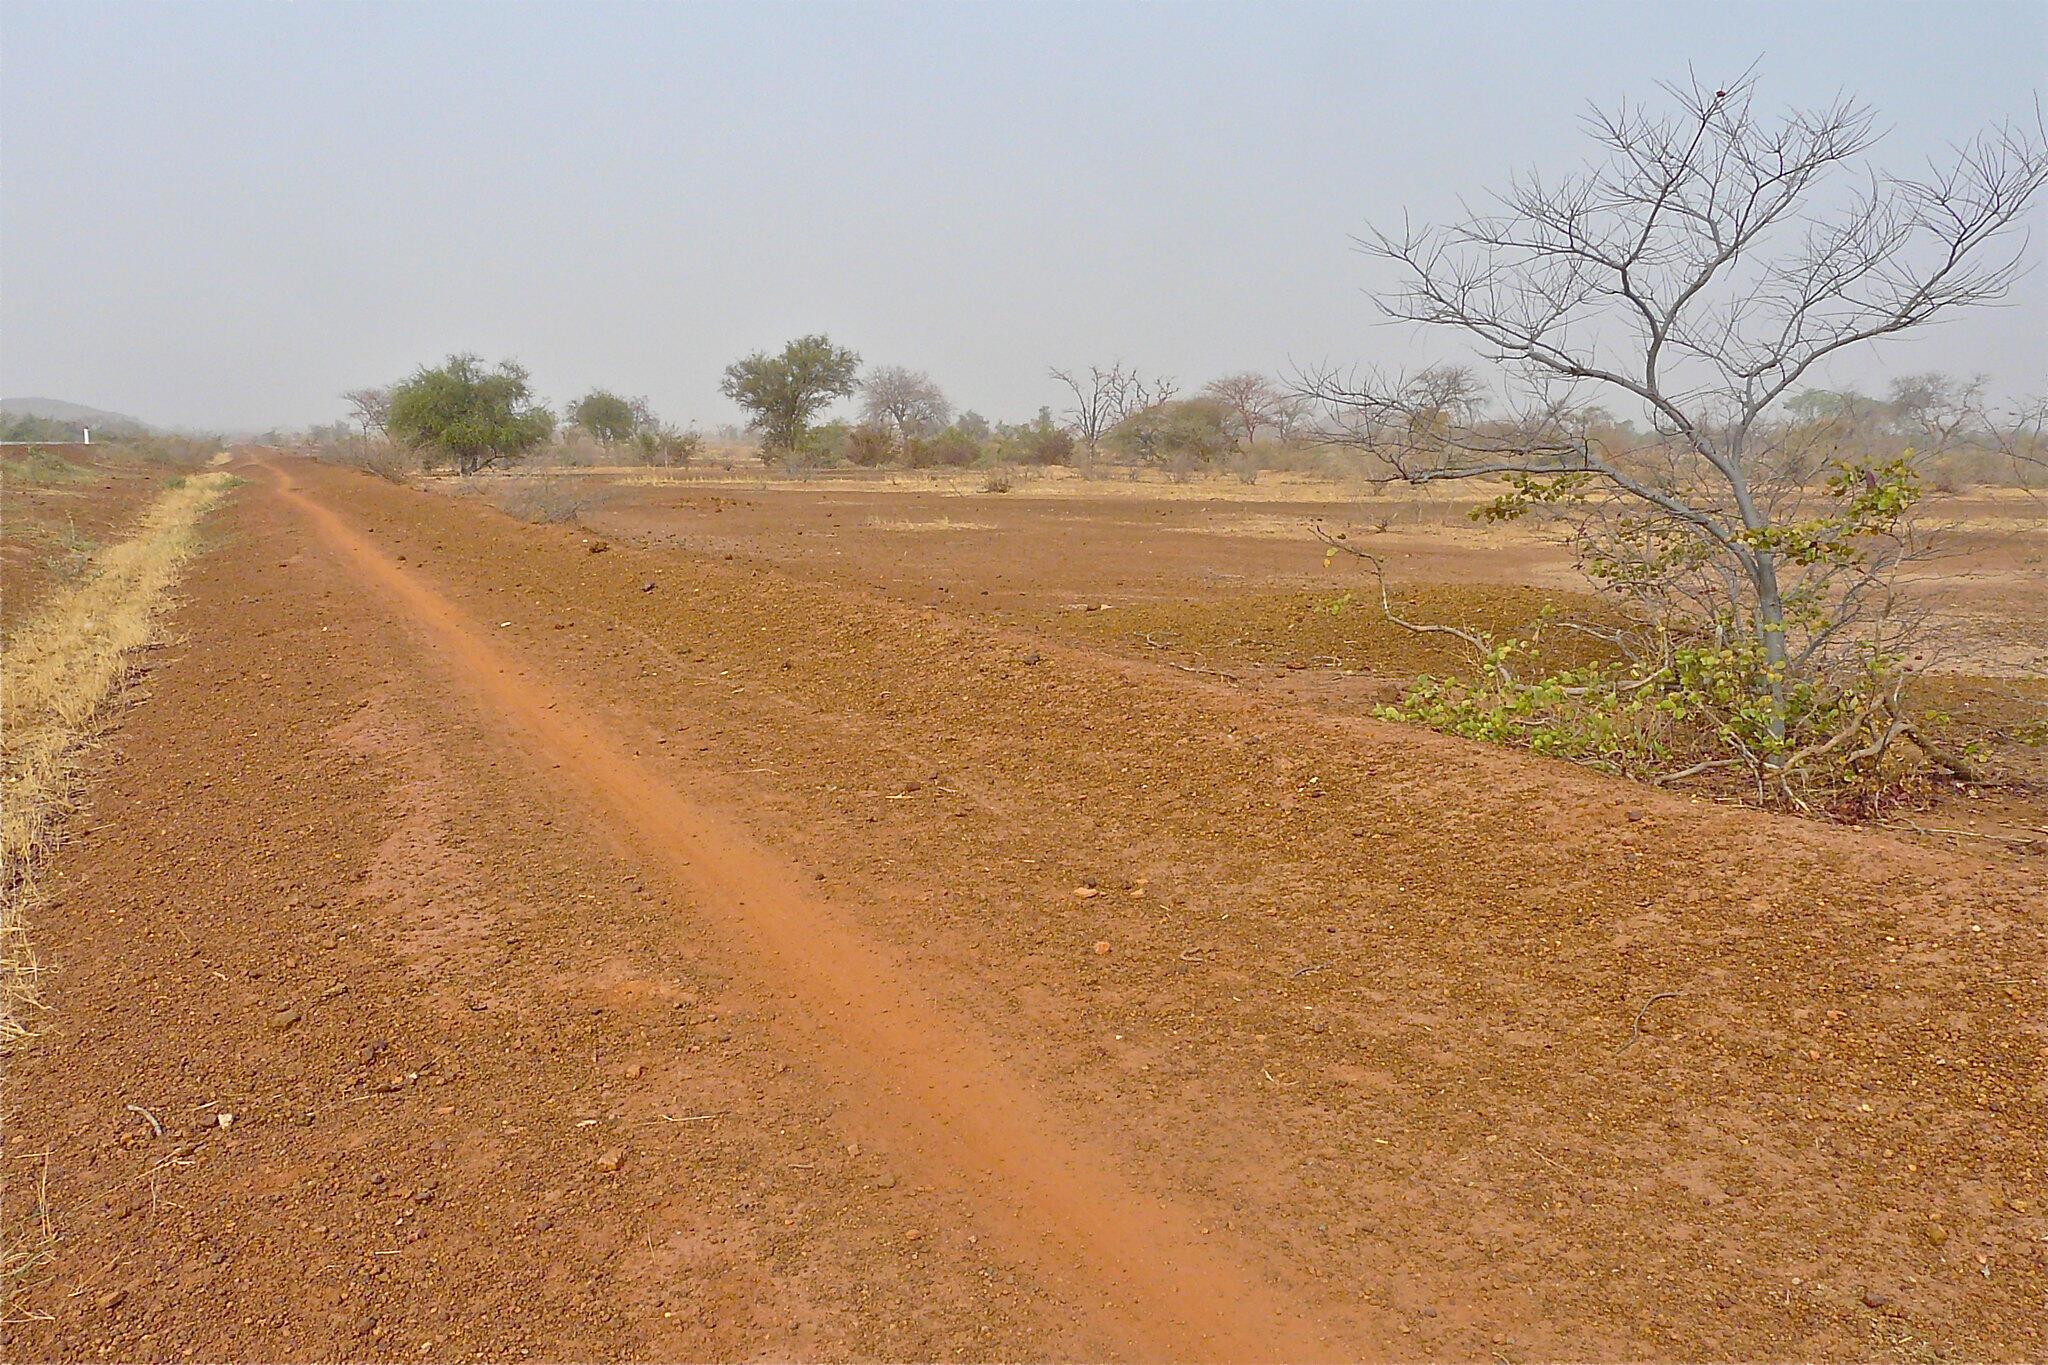 Barabara inayoelekra Pissila (picha ya kumbukumbu).